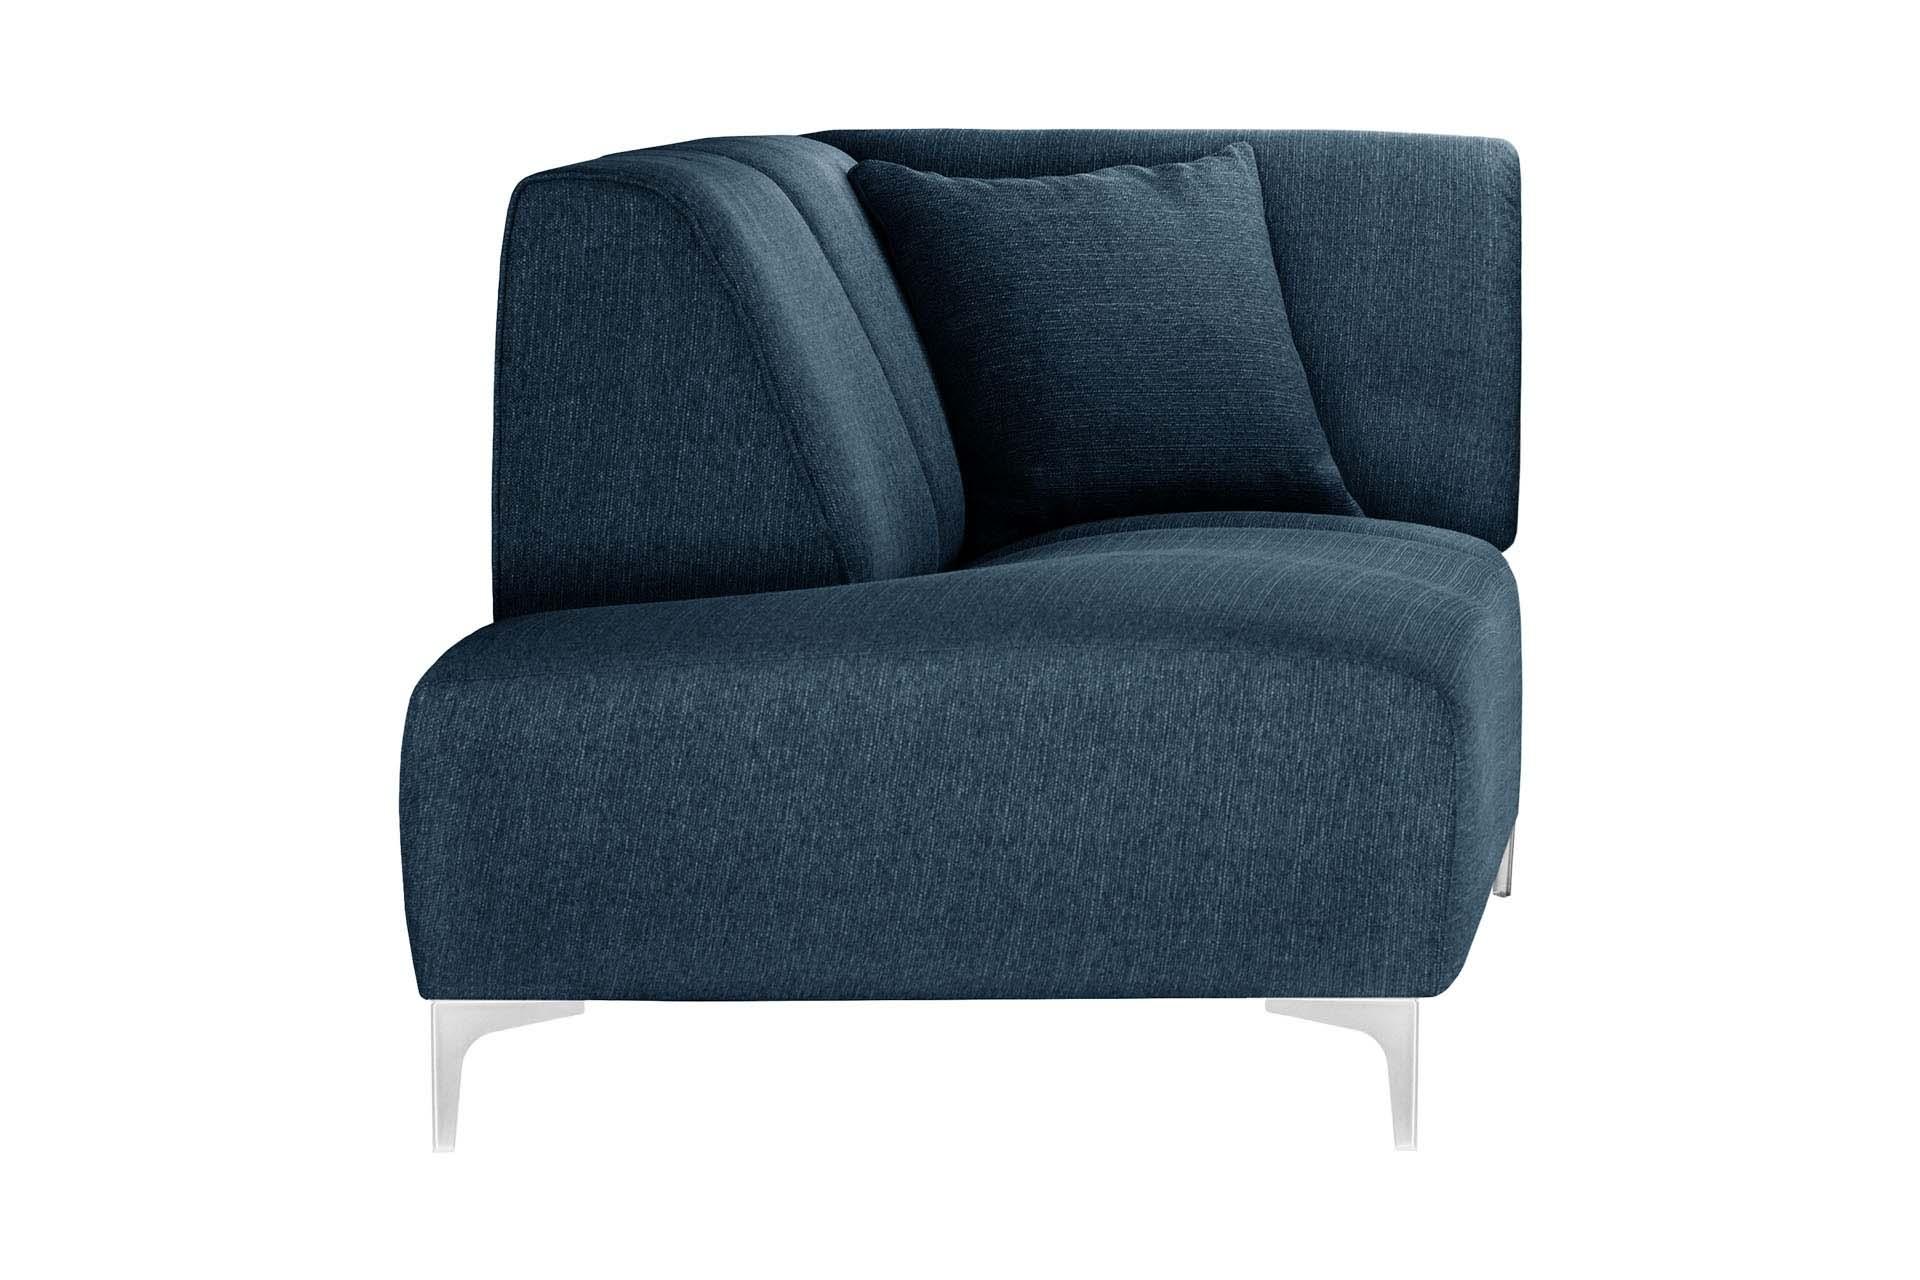 Méridienne d'angle gauche 1 place toucher lin bleu jeans